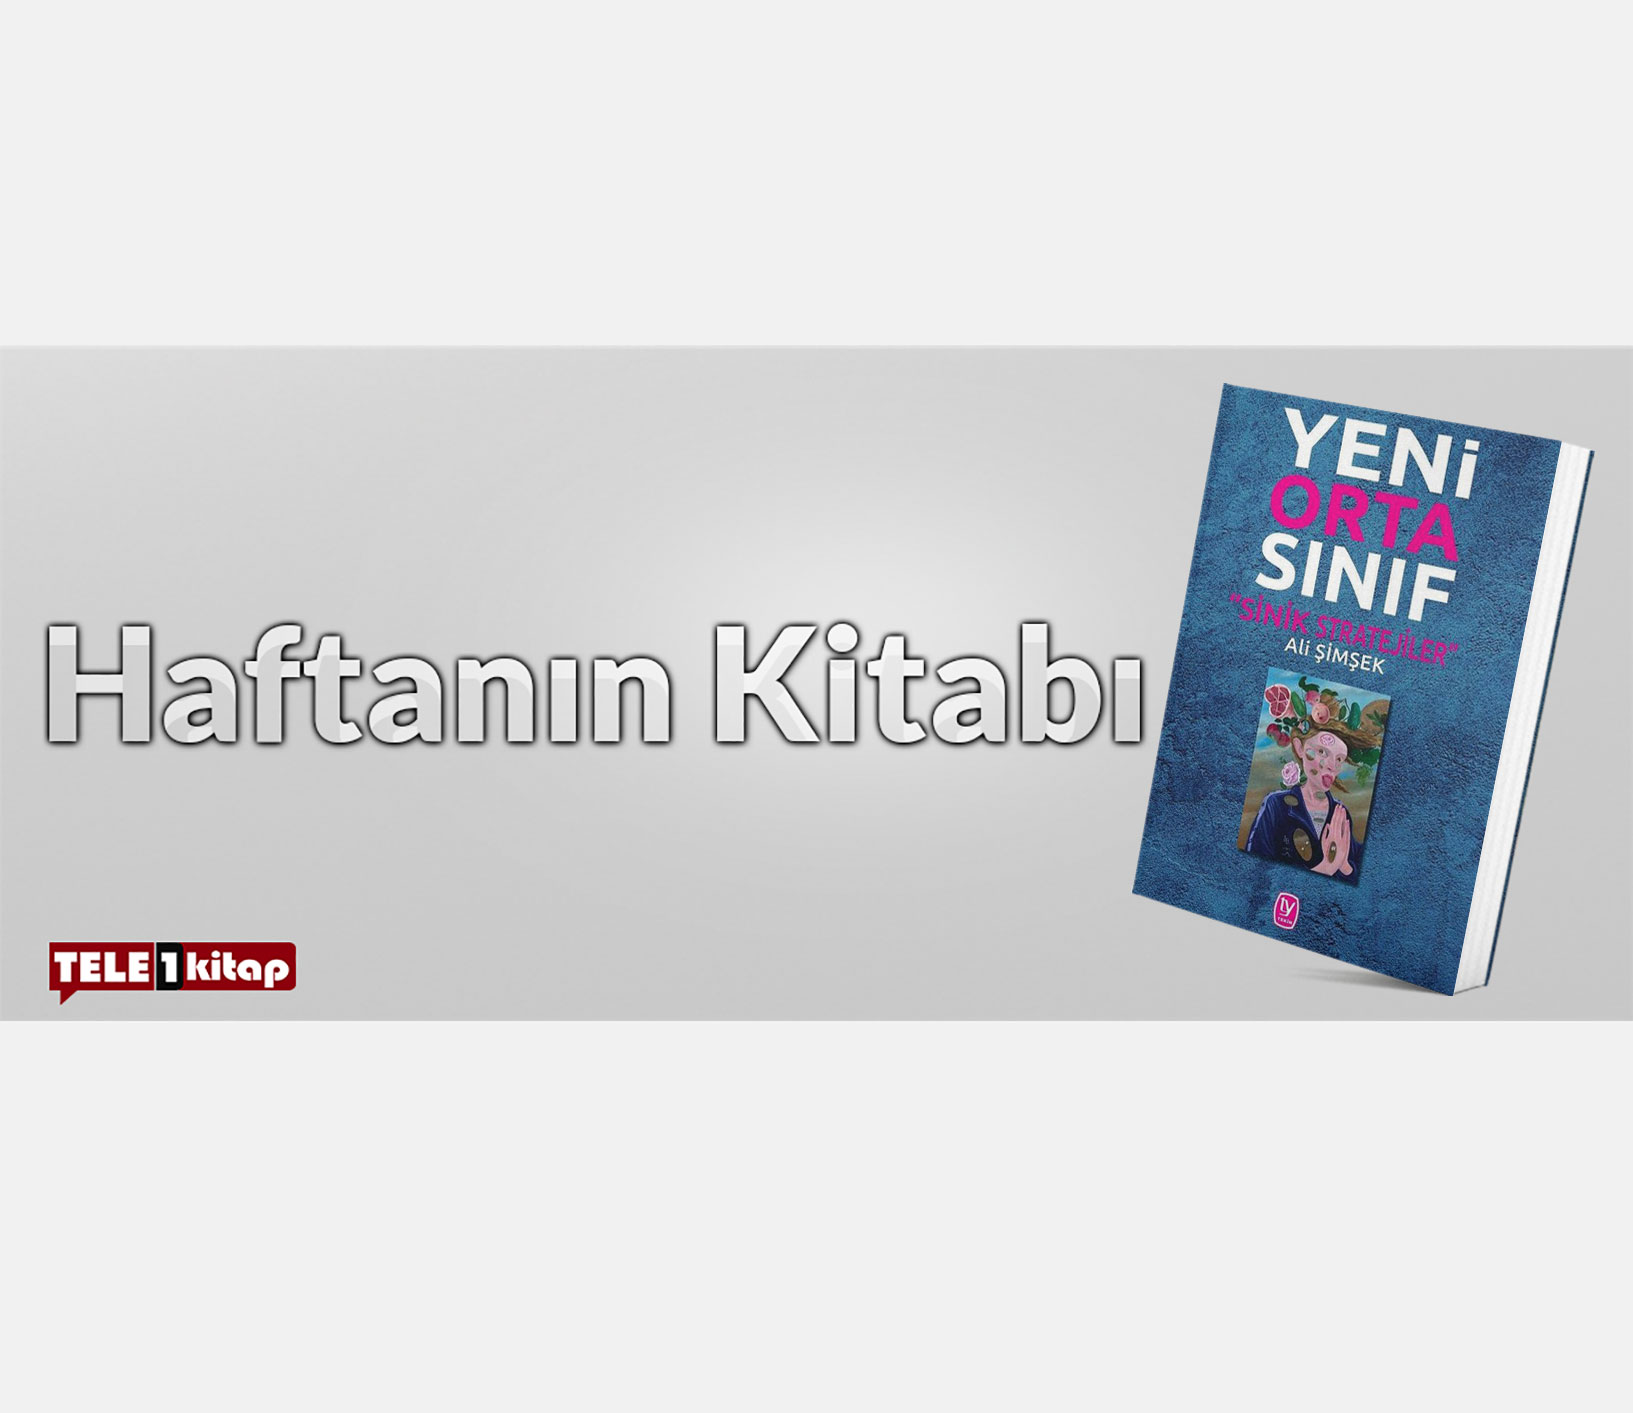 Haftanın Kitabı | Ali Şimşek-Yeni Orta Sınıf-Sinik Stratejiler